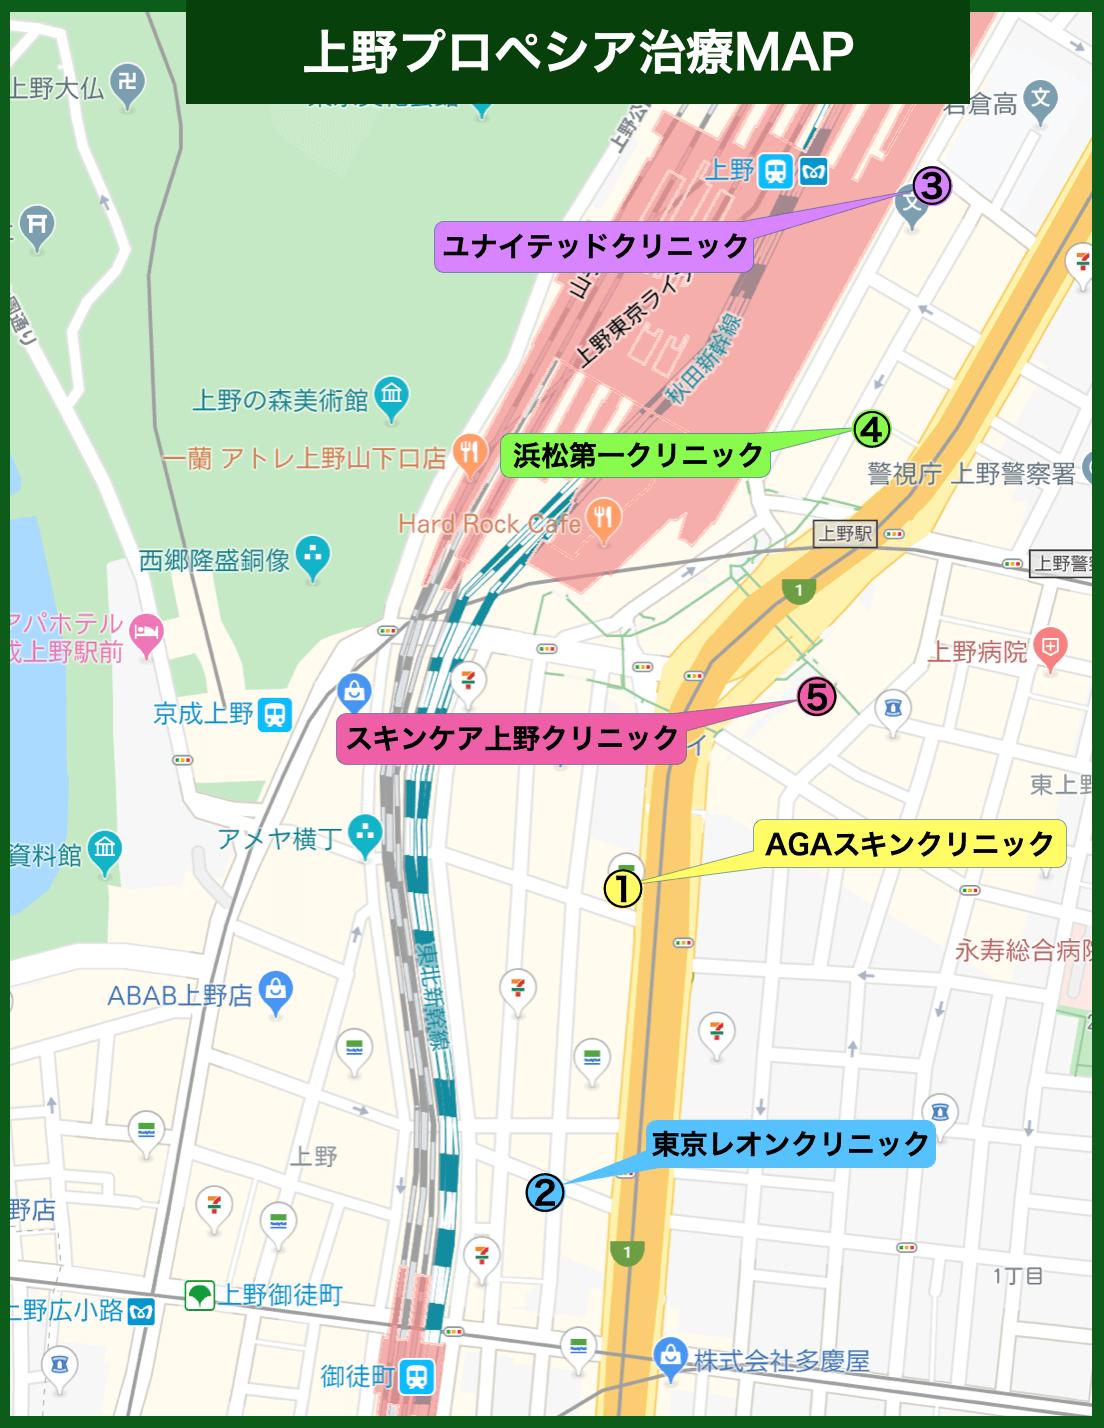 上野プロペシア治療MAP